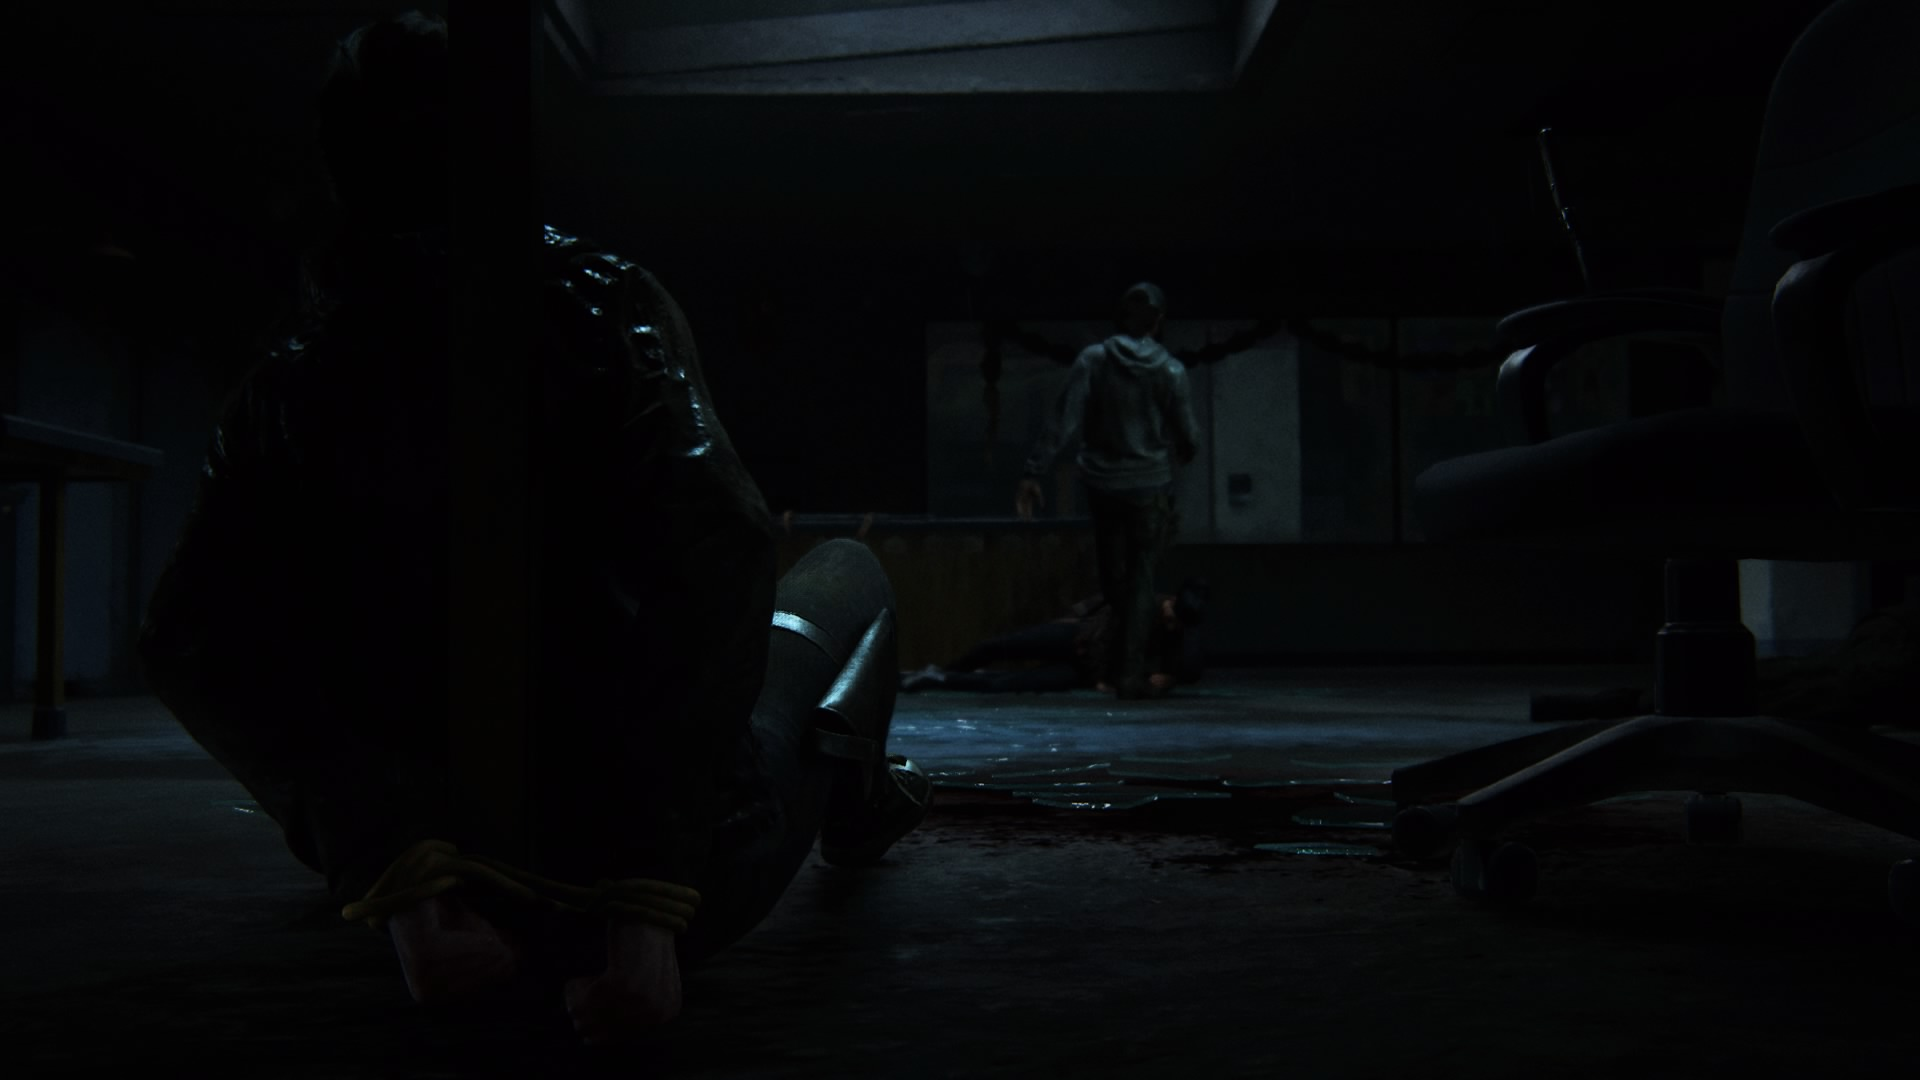 ... Als Dina Ihn Killt Und Dabei Ins Zimmer Fällt Und Von Jordan Attackiert Wird.